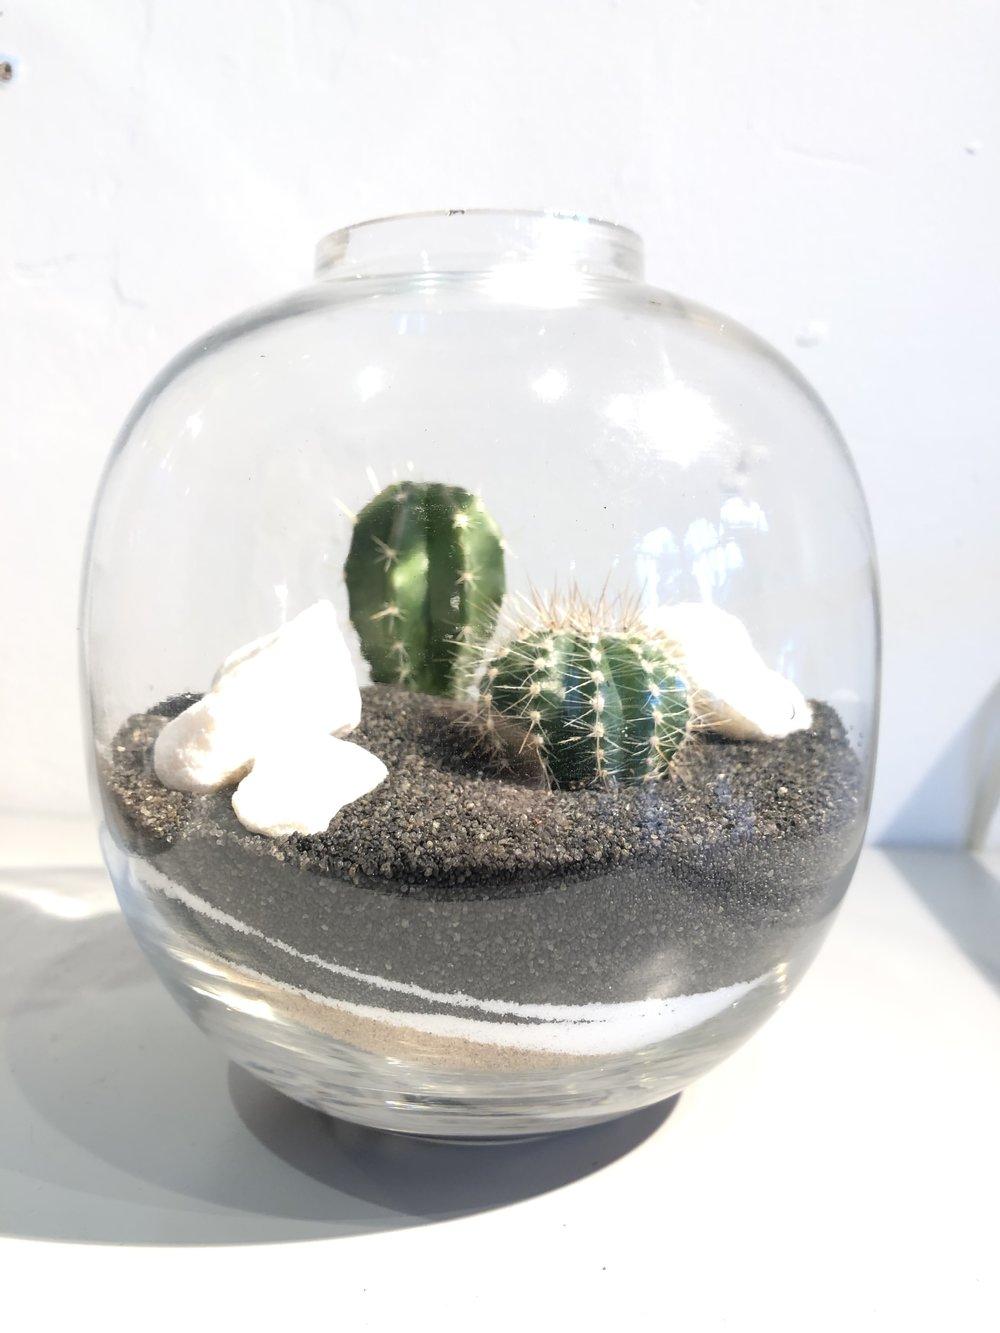 A pillar and barrel cactus placed in an open cactus terrarium.